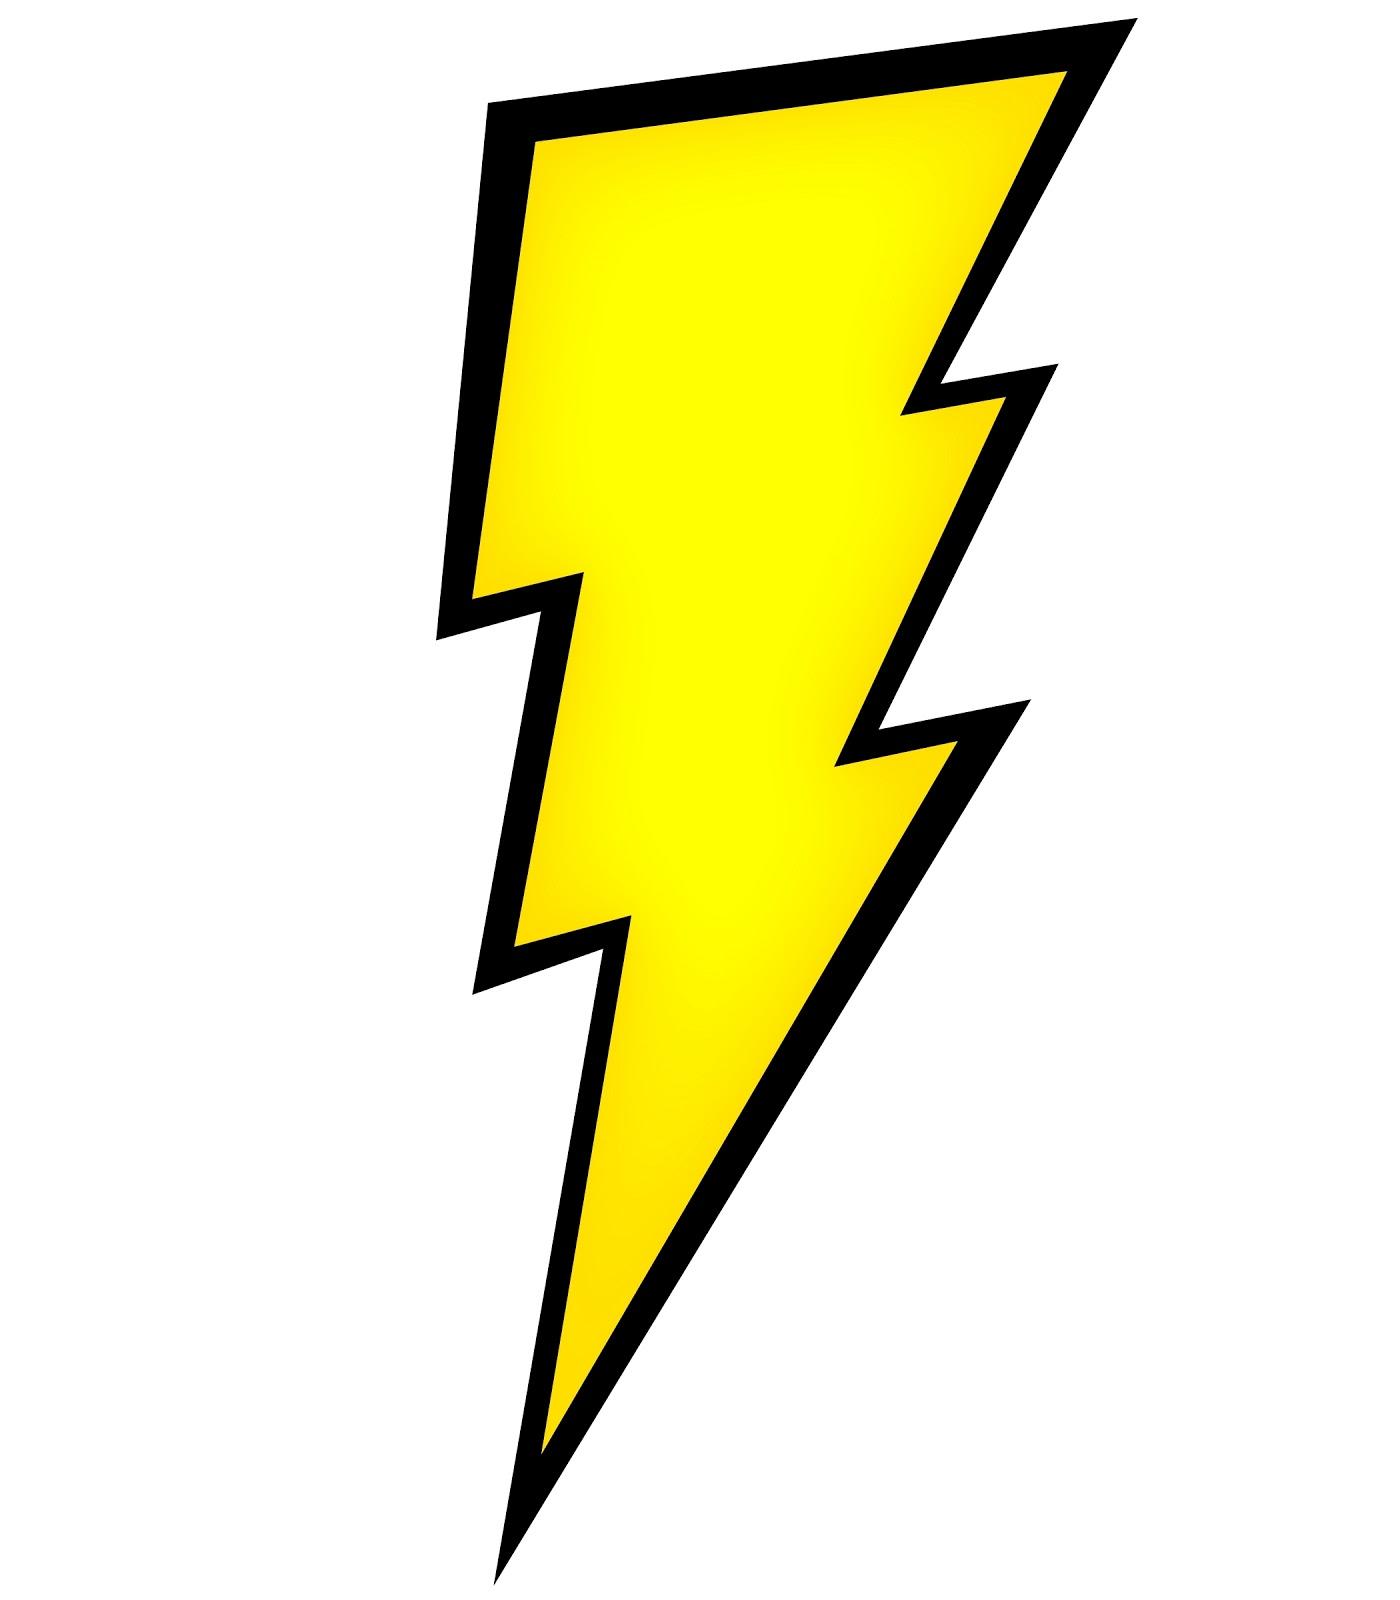 Lightning Bolt Outline - ClipArt Best